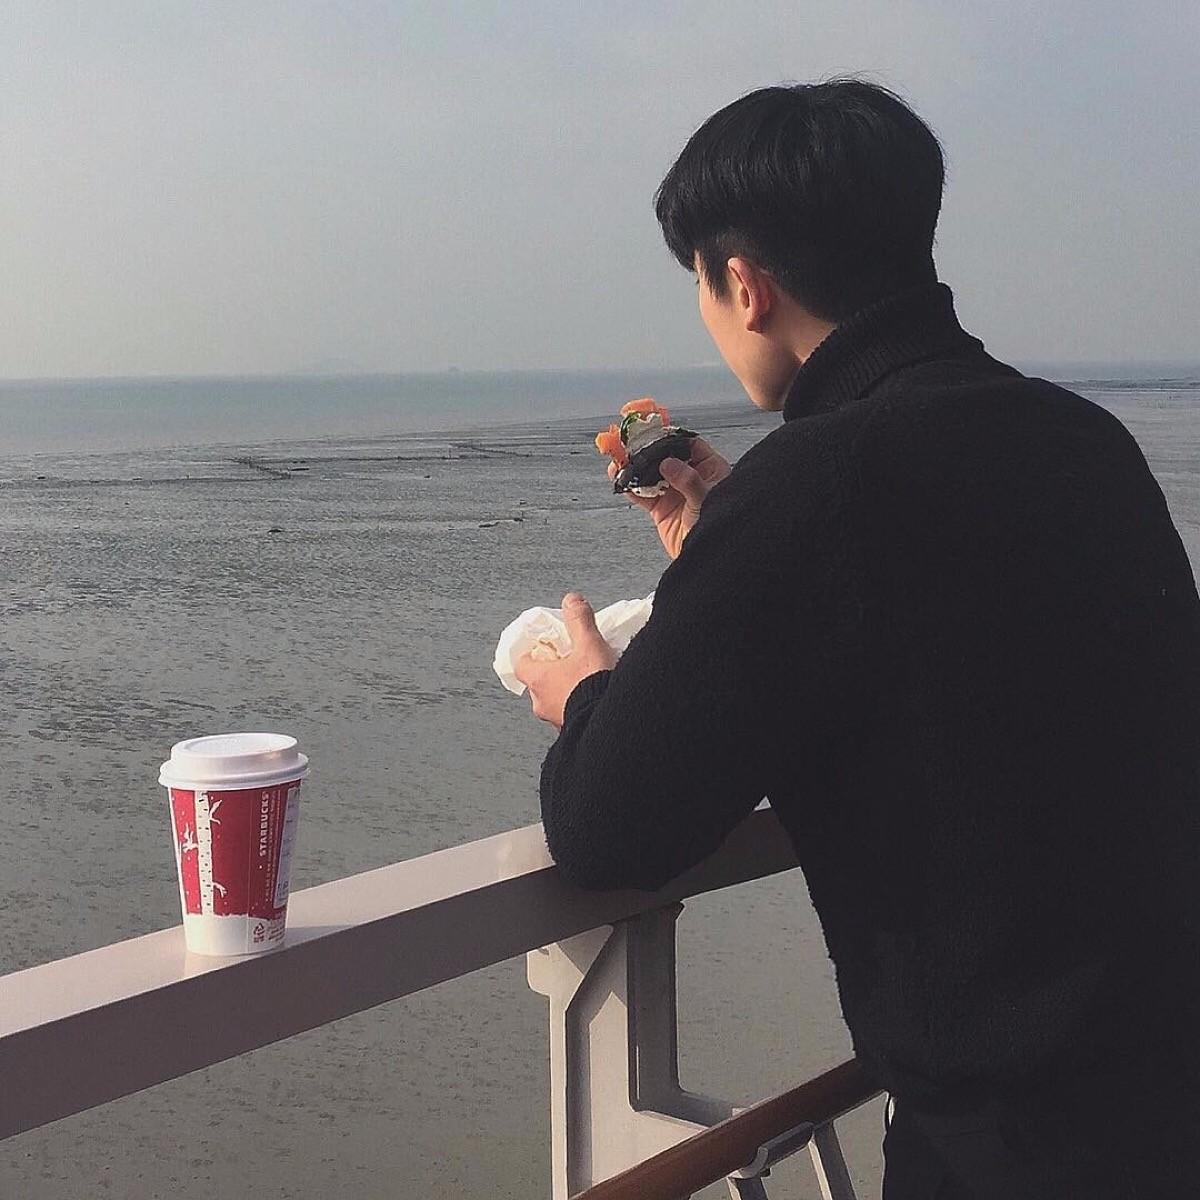 本人26岁男,月薪6k,在武汉有房有车,难道我的条件都没资格相亲吗?